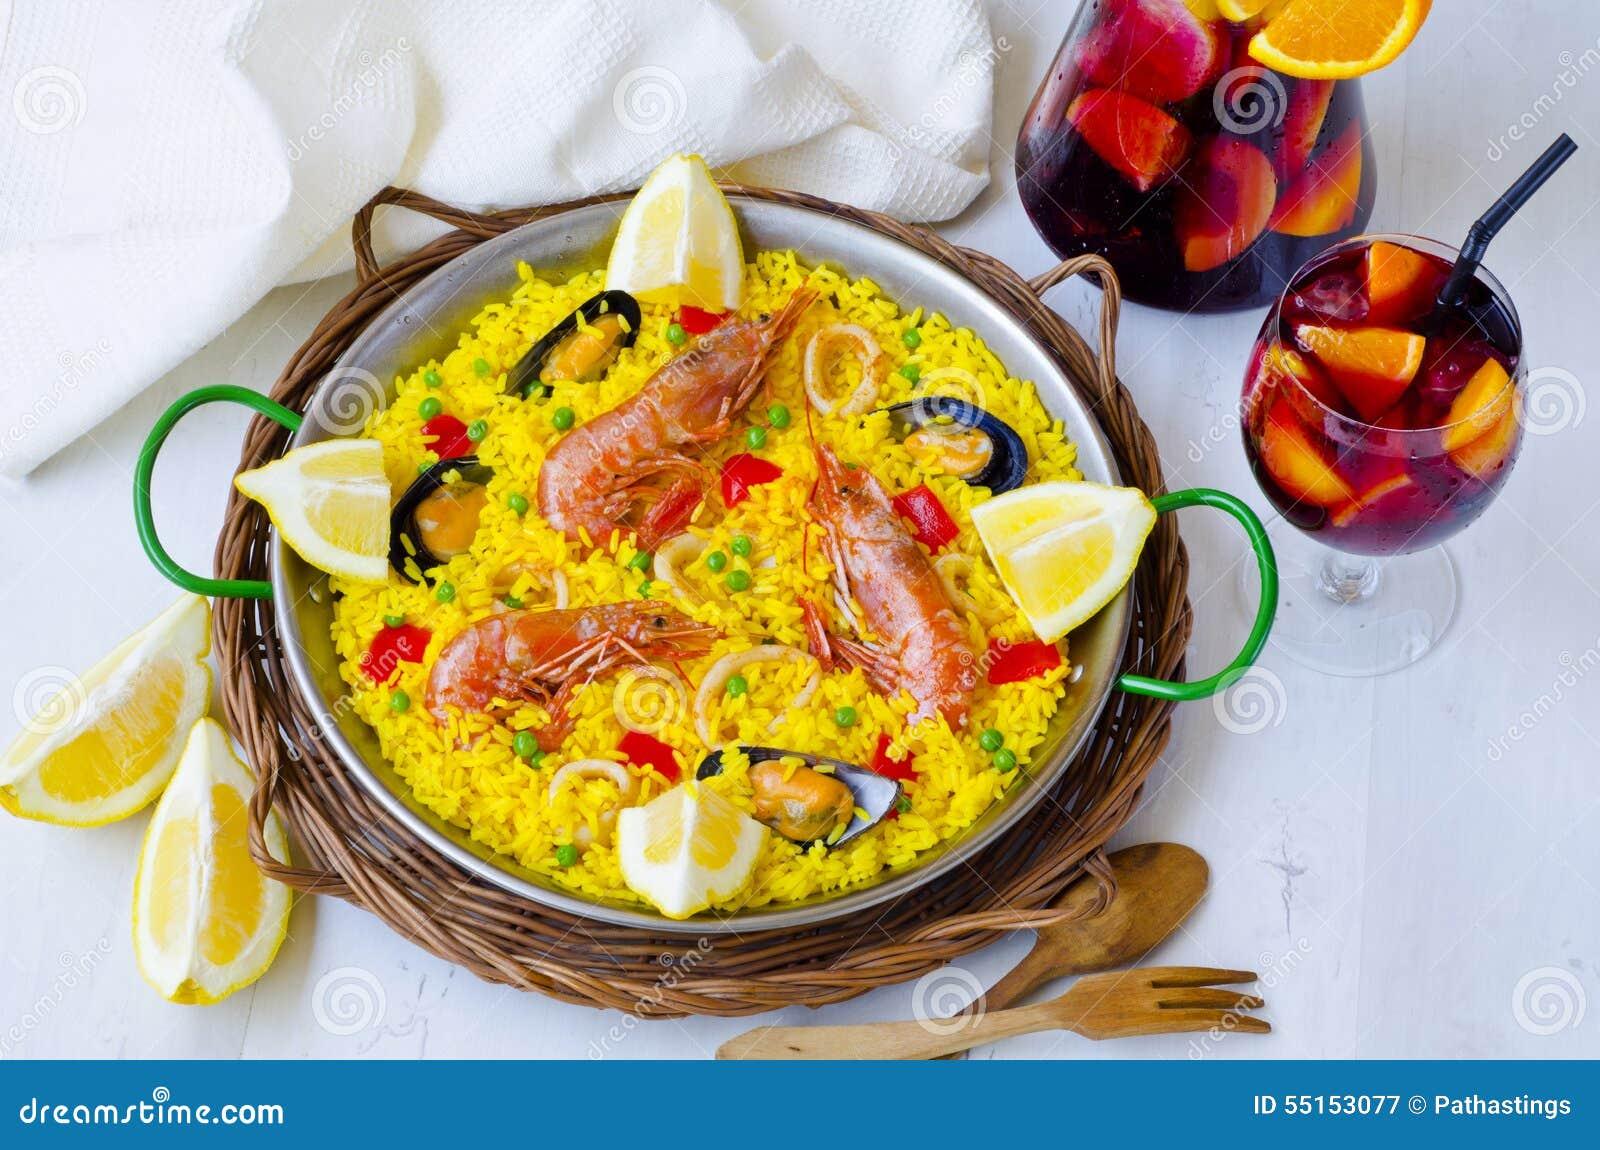 Cucina spagnola paella e sangria fresca fotografia stock for Cucina spagnola